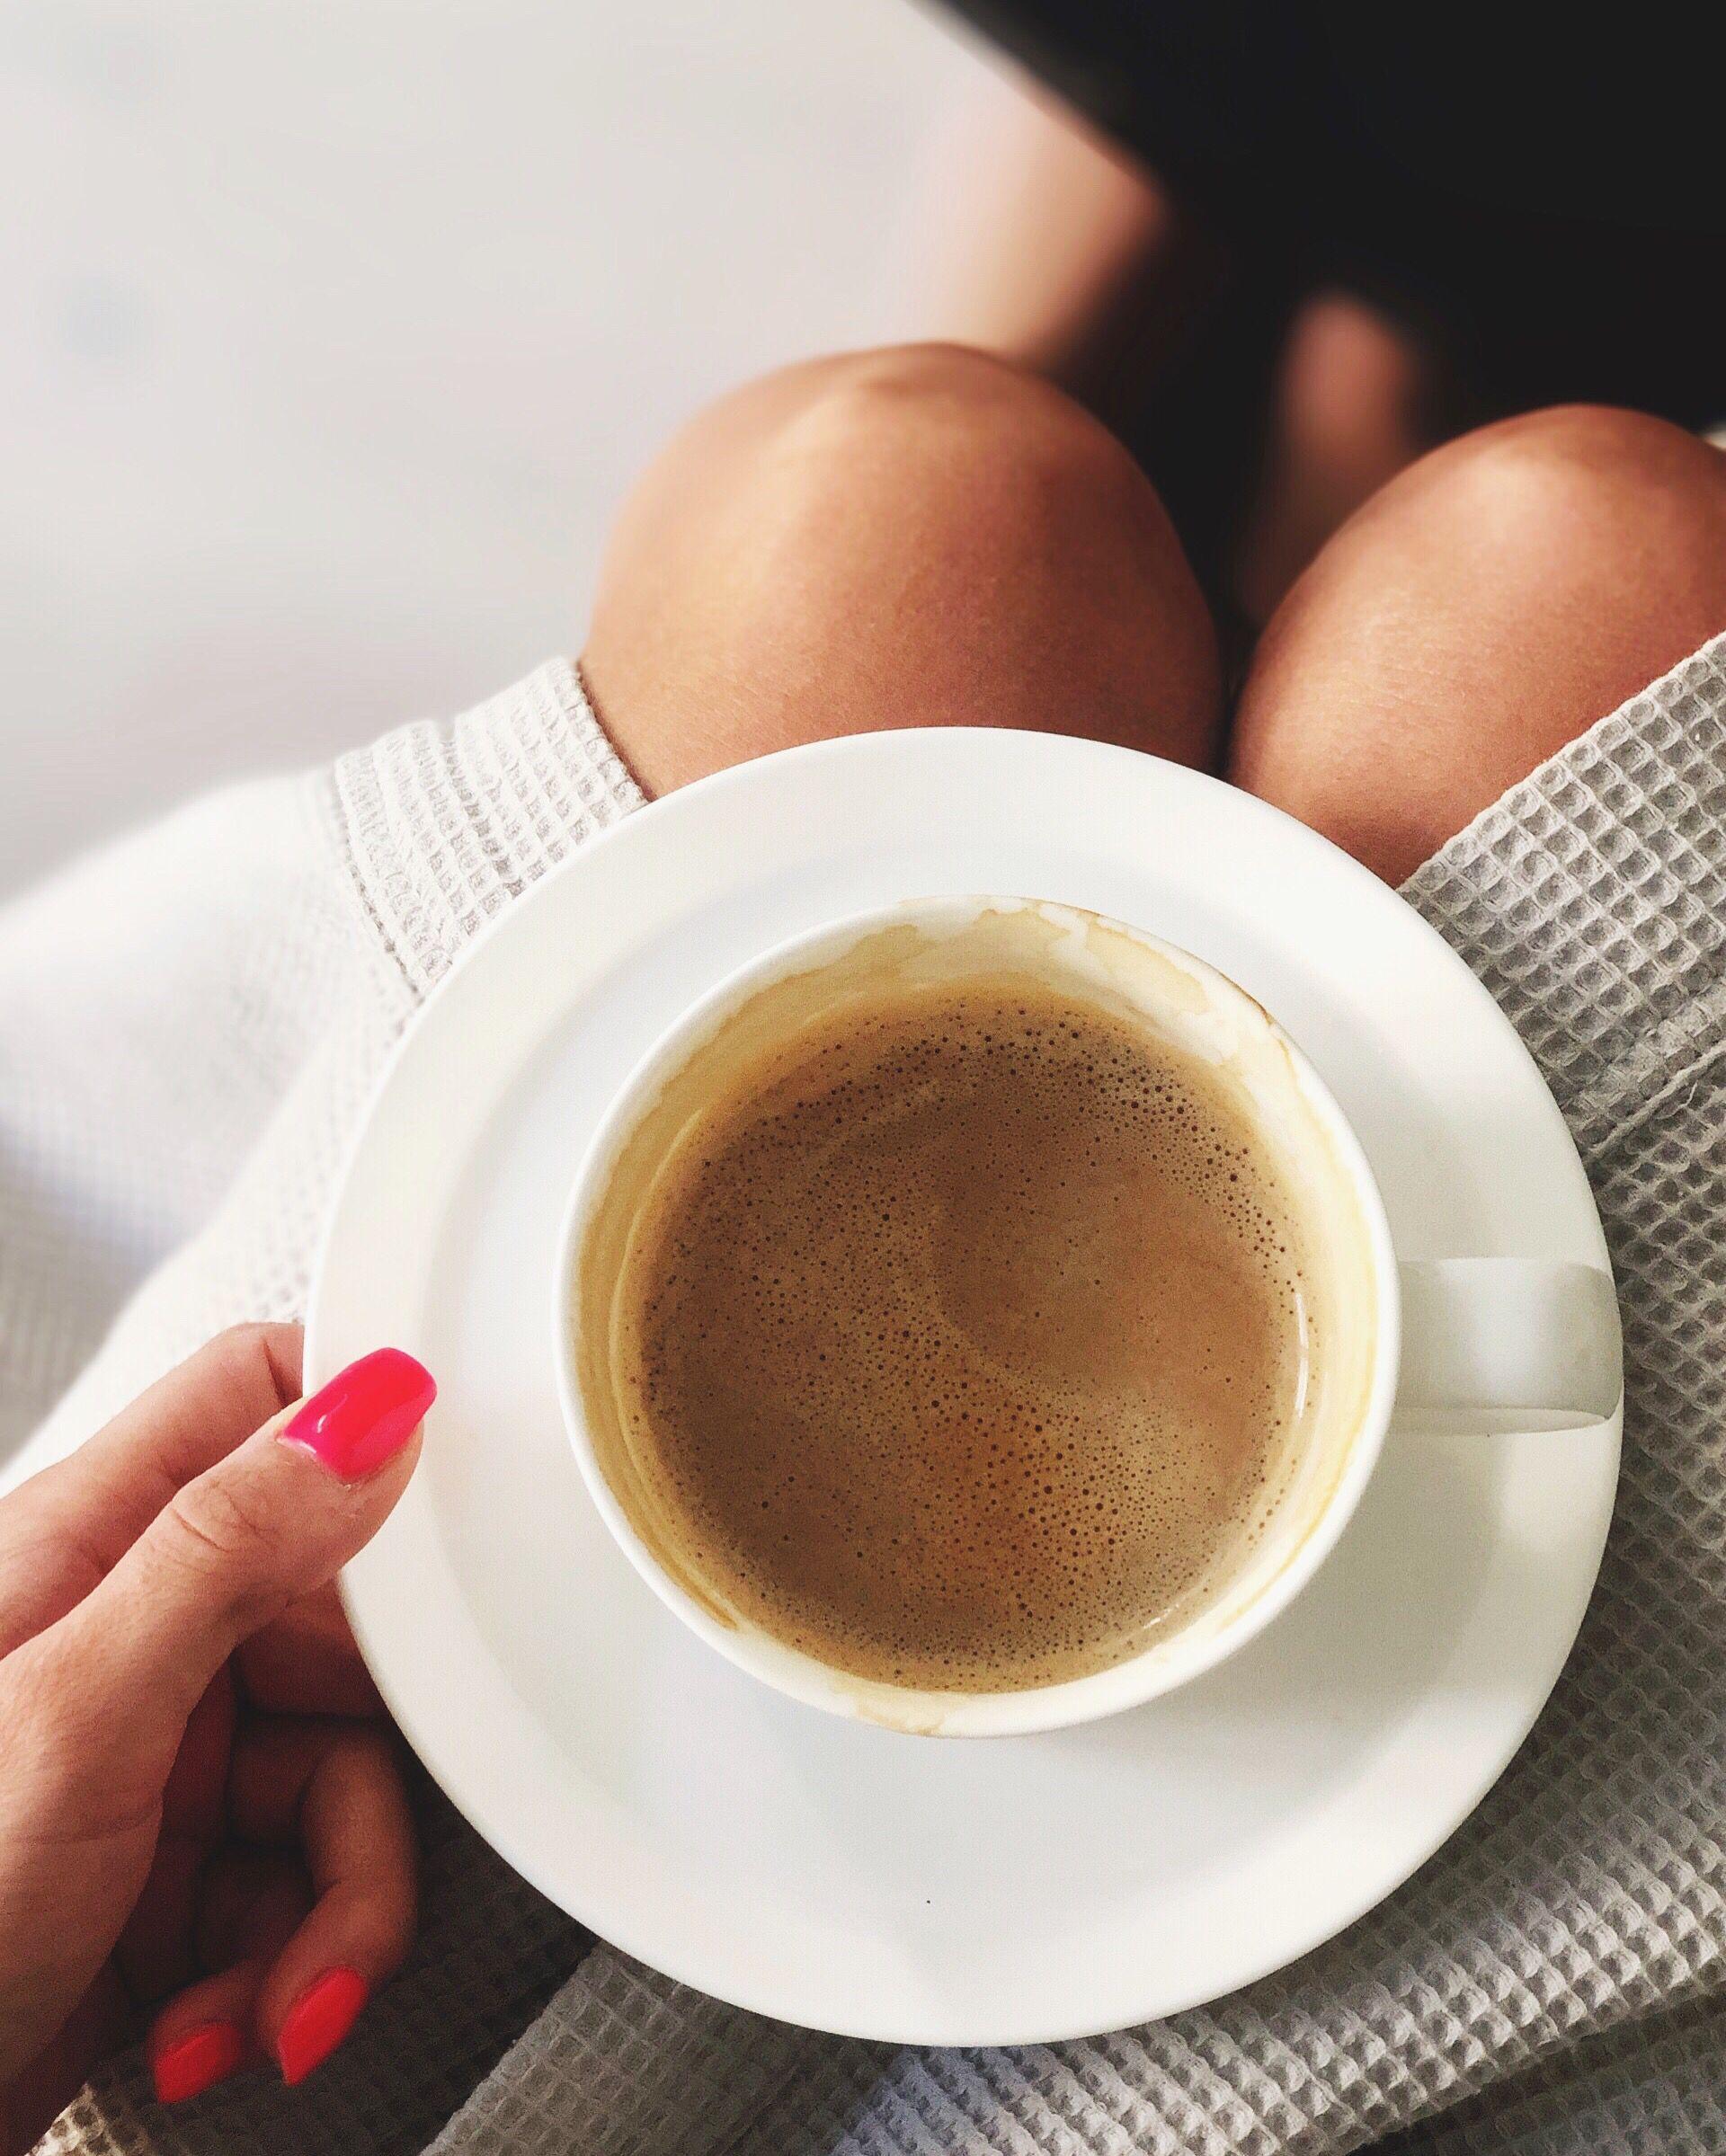 Pin by Iana Sudziarska on Coffee lovers Coffee girl